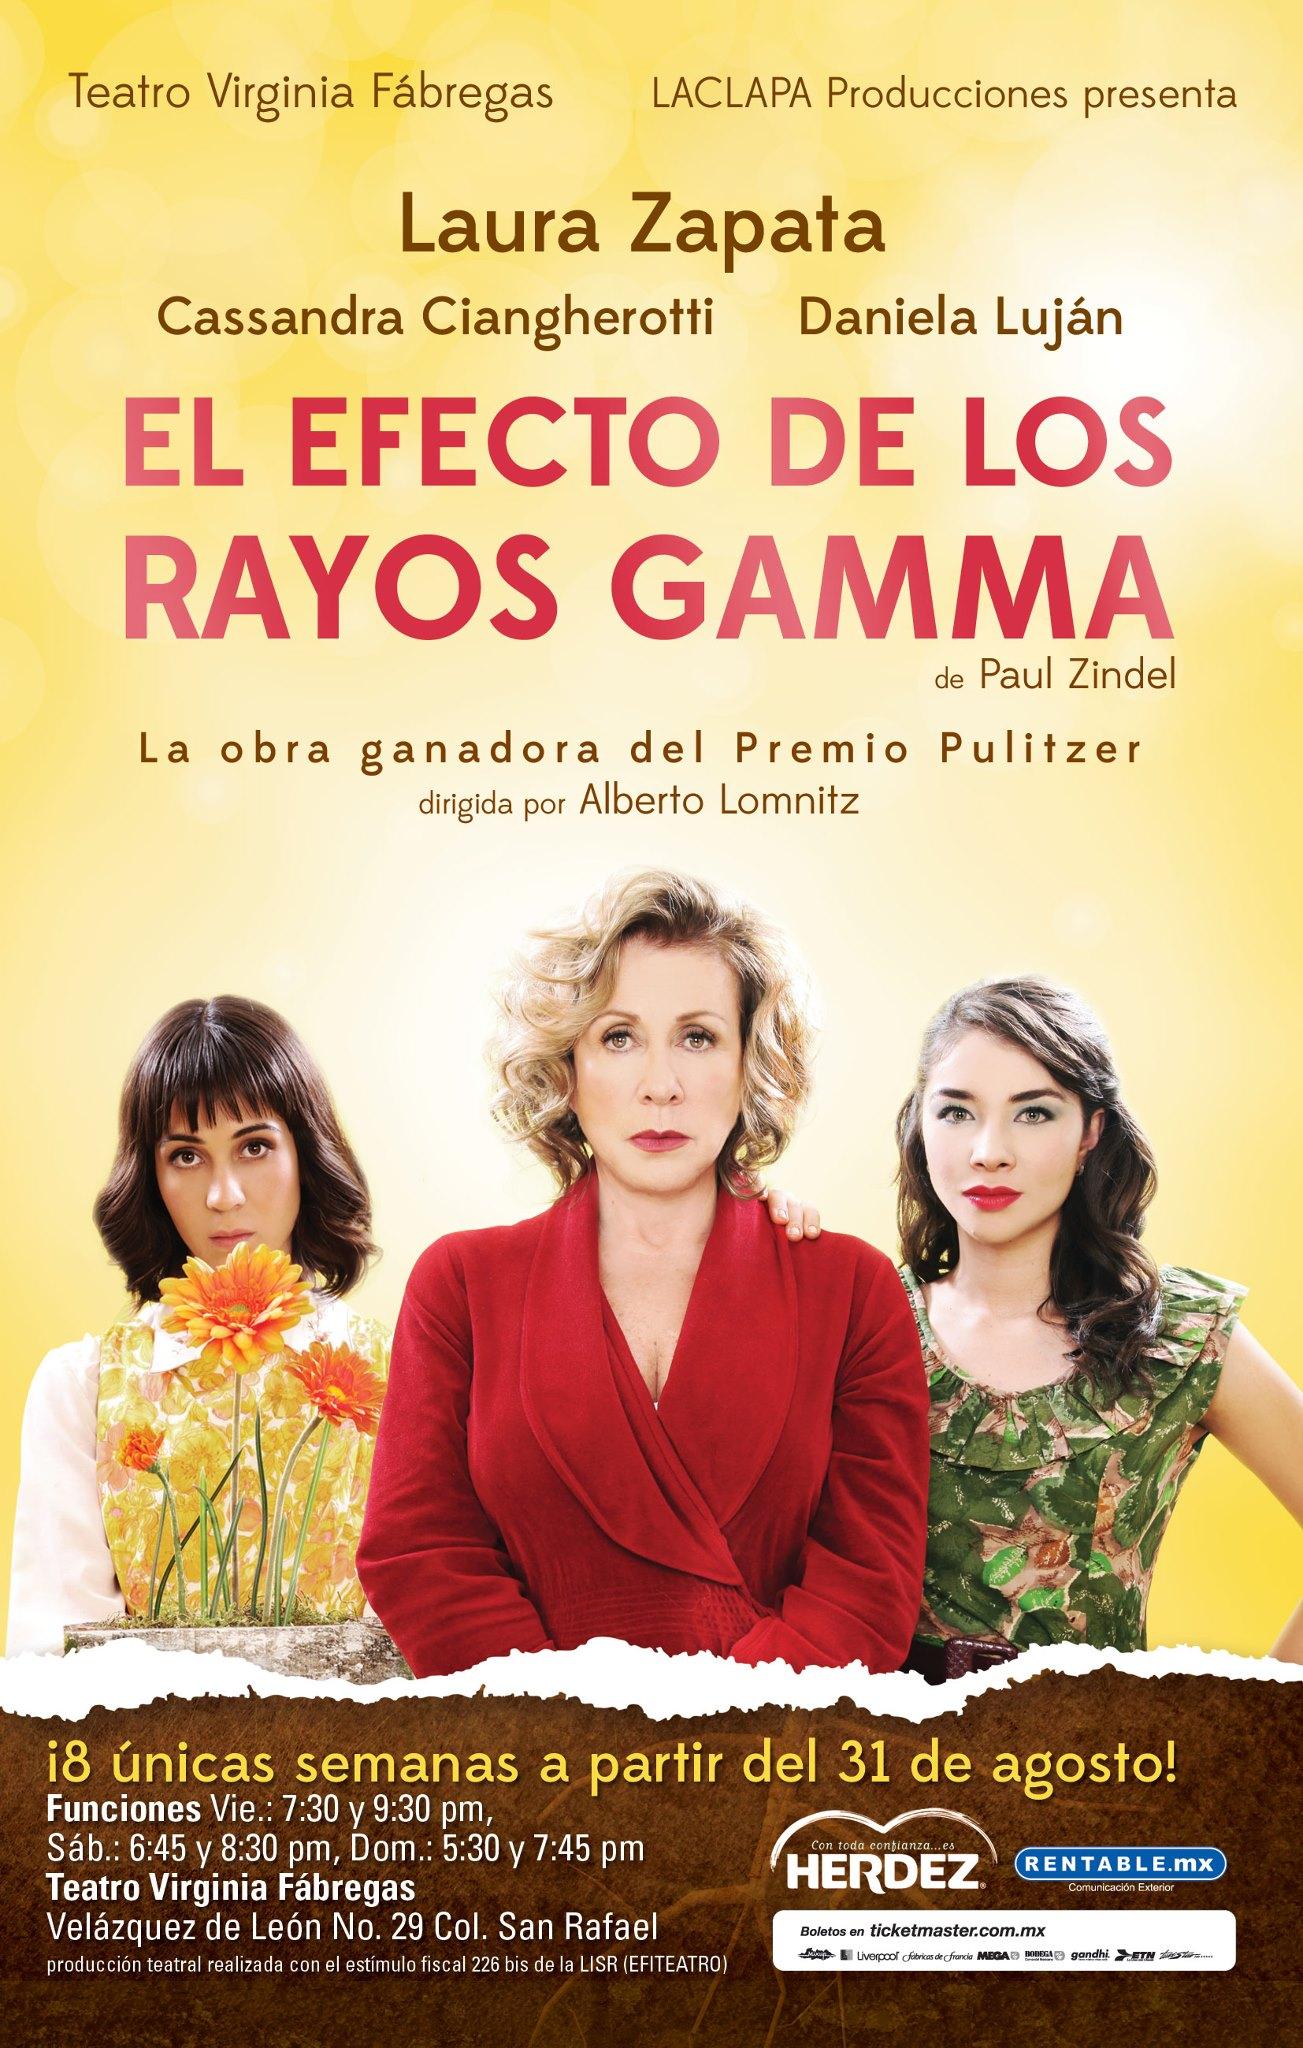 El efecto de los rayos gamma